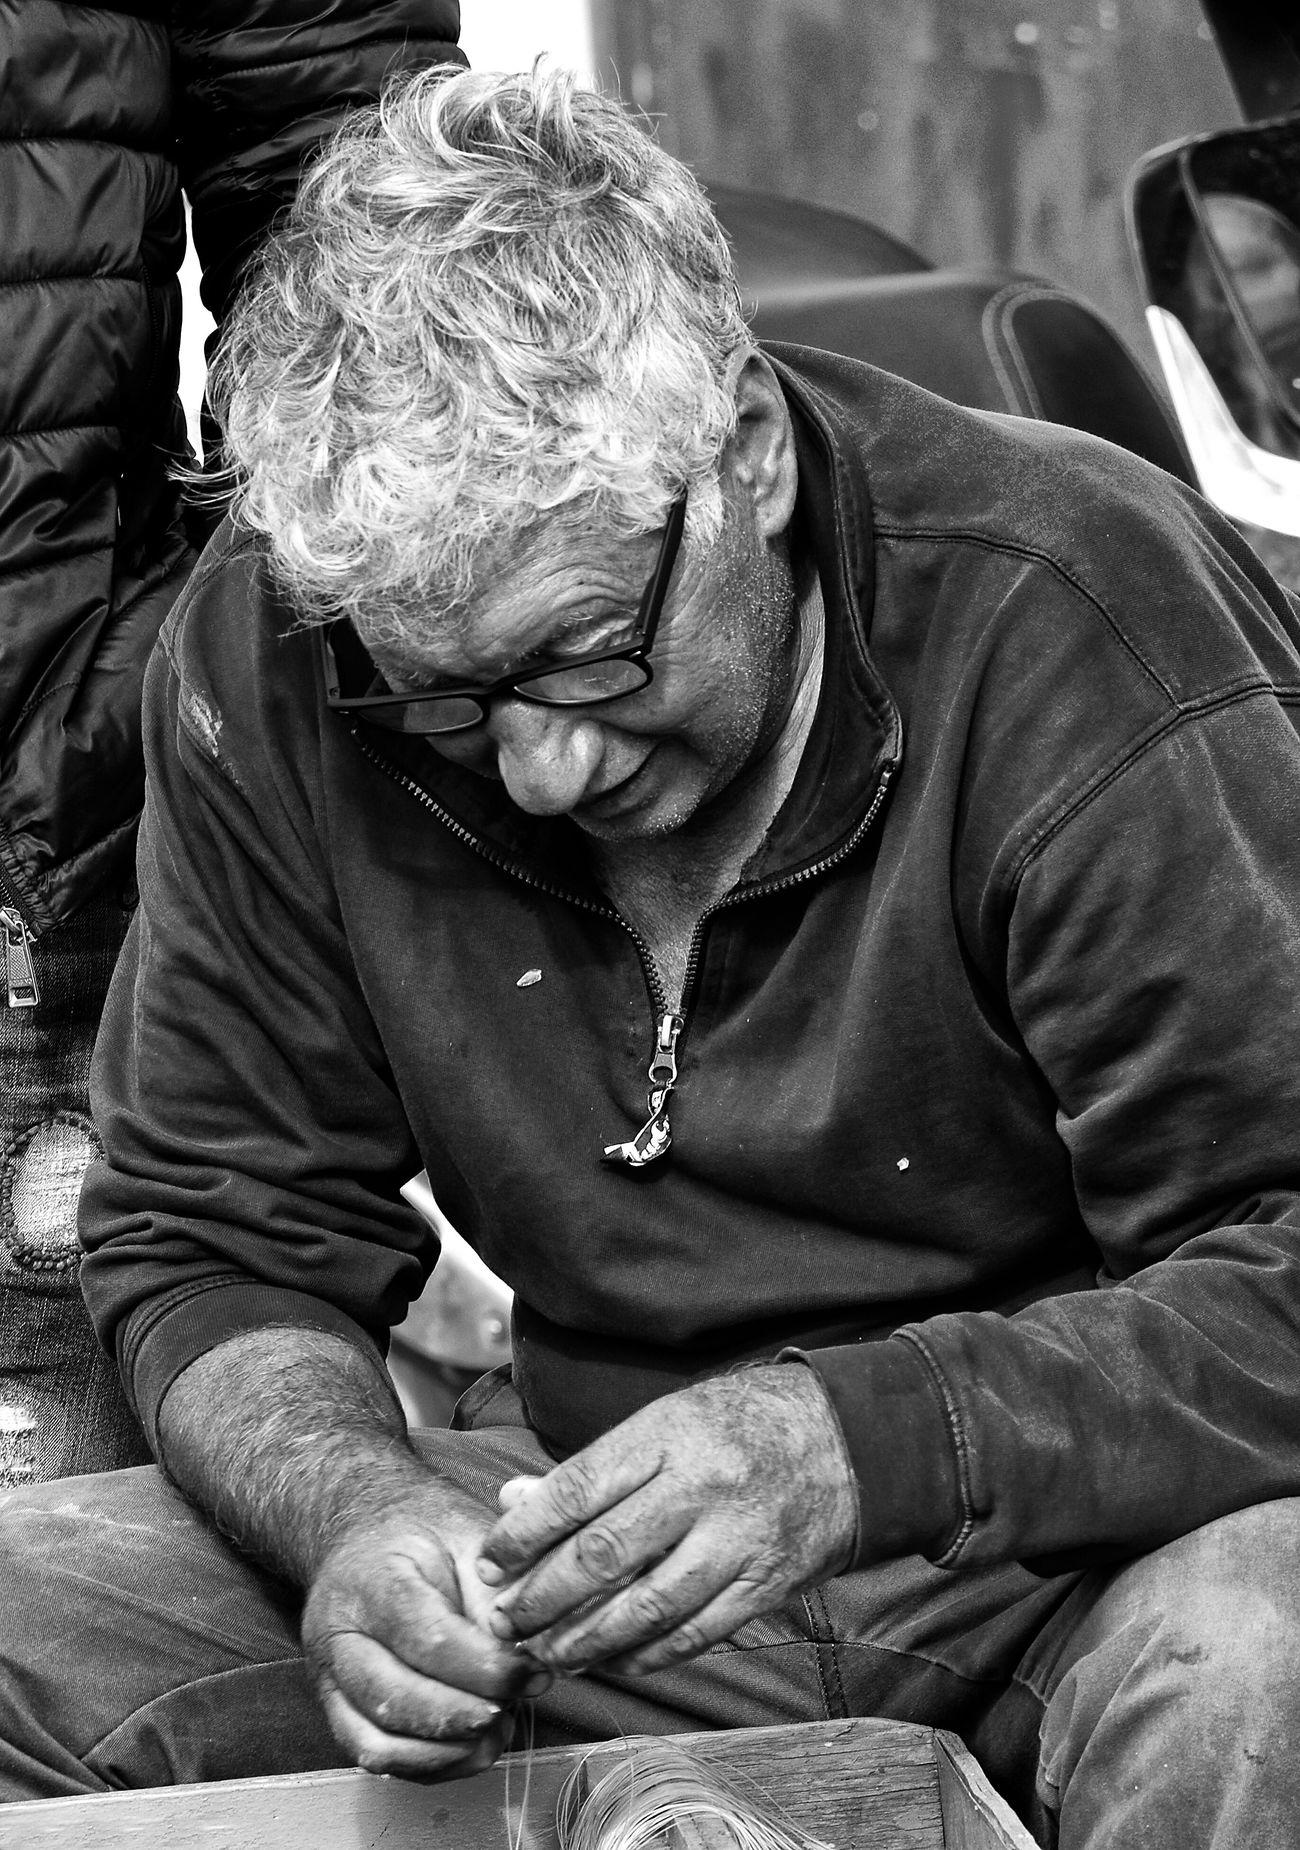 Blackandwhite Black & White Blackandwhitephotography Working Animals Working Hands